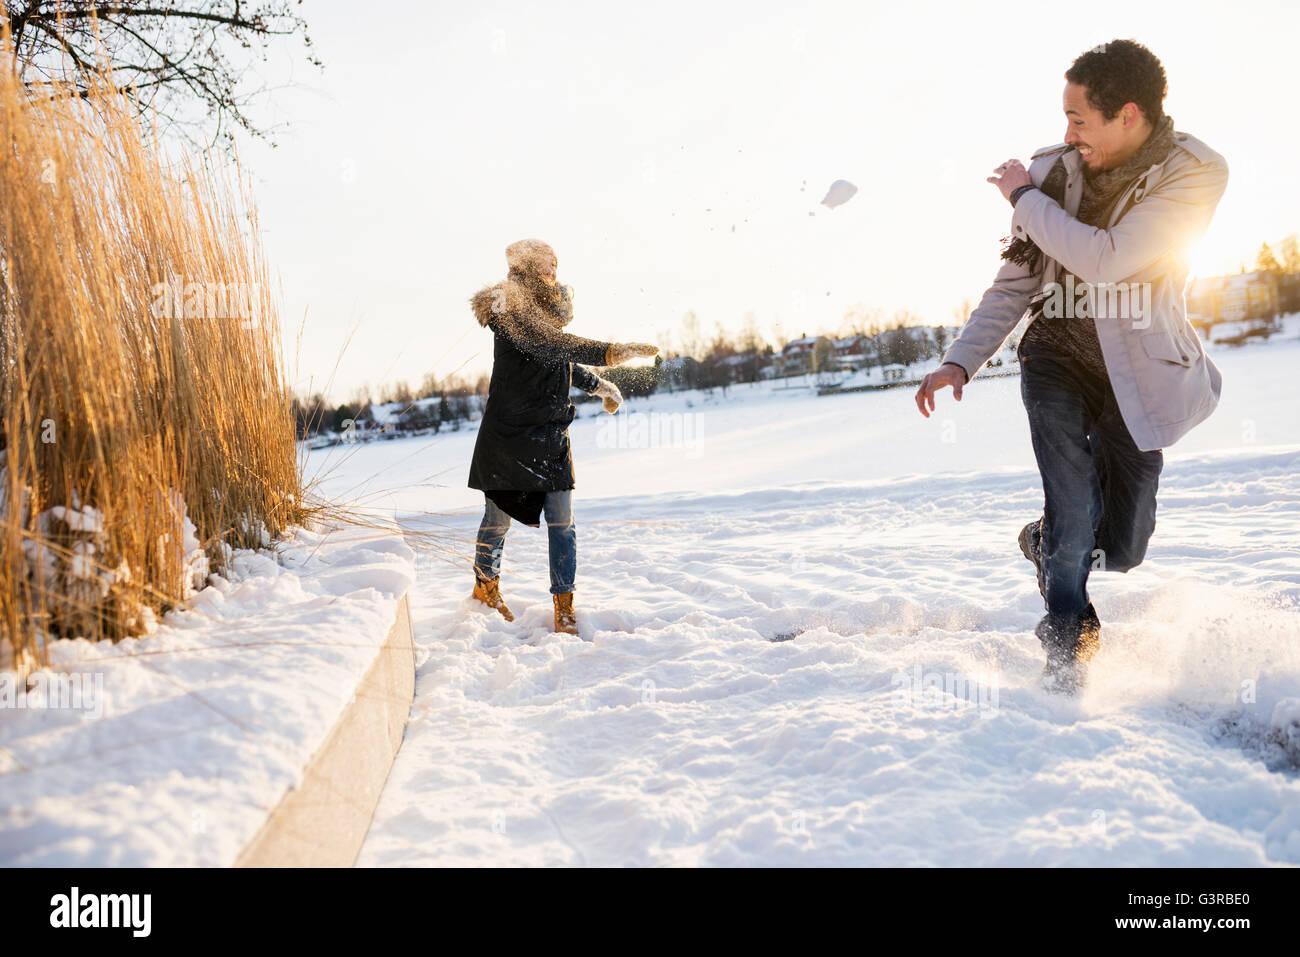 Schweden, Vasterbotten, Umea, junge Paar genießen Schneeballschlacht Stockbild